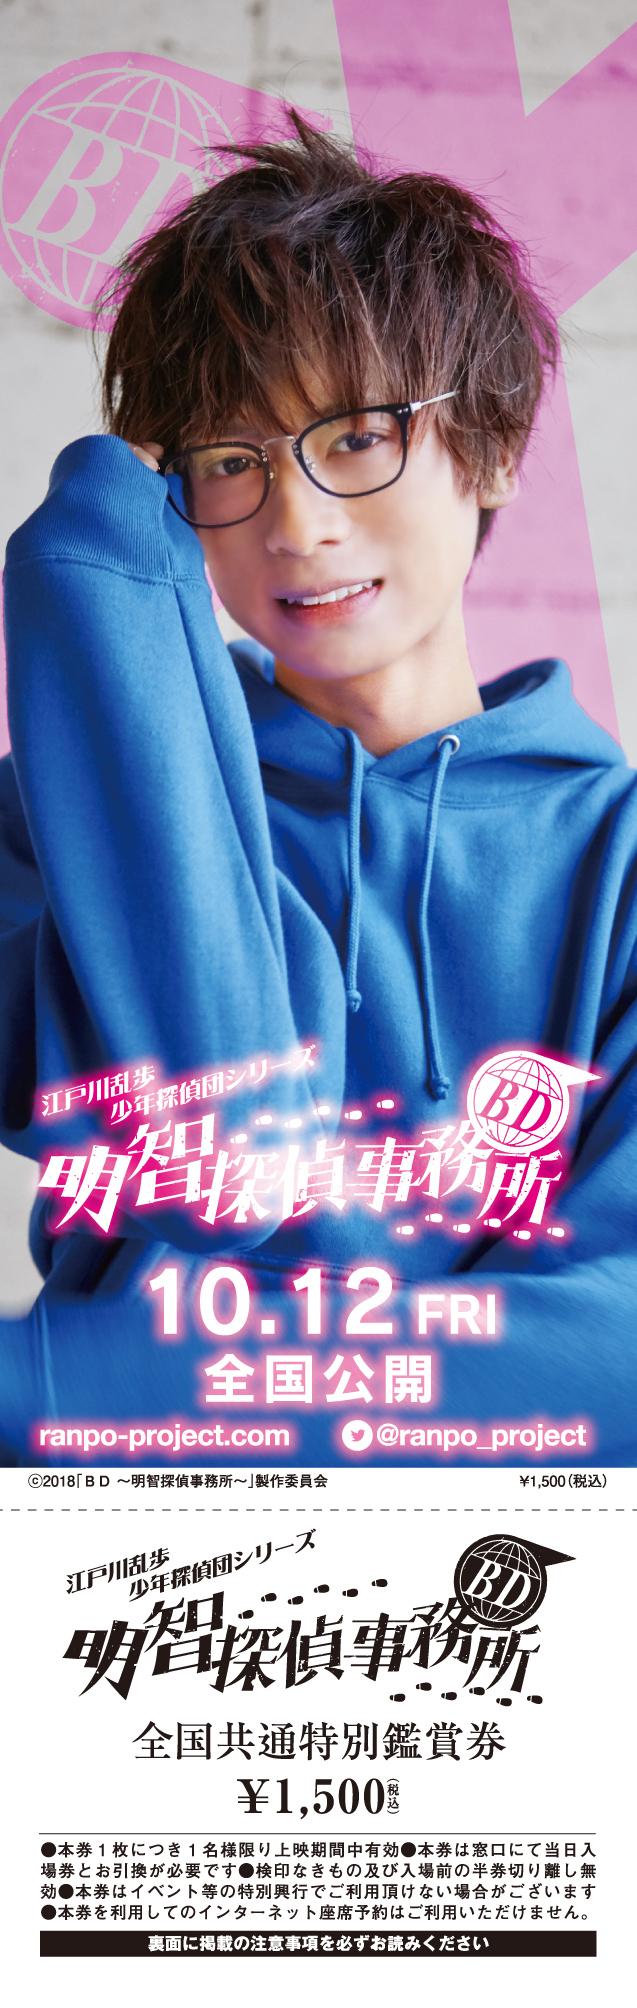 ticket_omote03.jpg